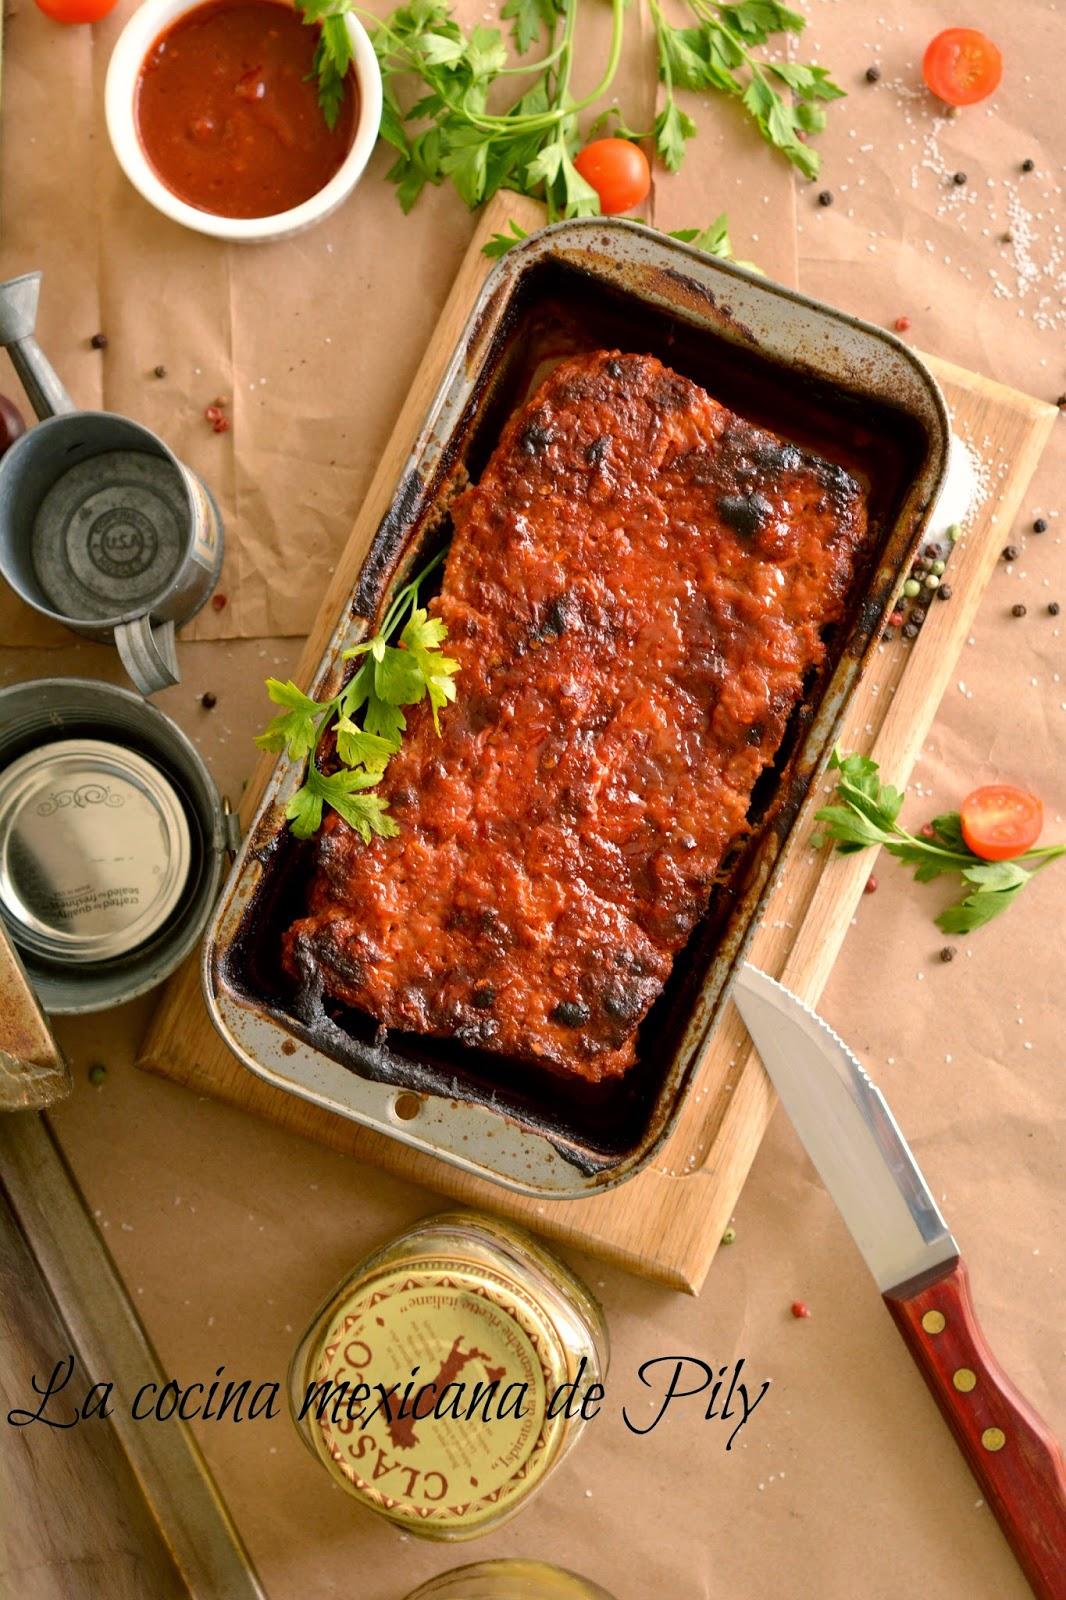 ... mexicana de Pily: Pastel de Carne al Chipotle - Chipotle Meatloaf